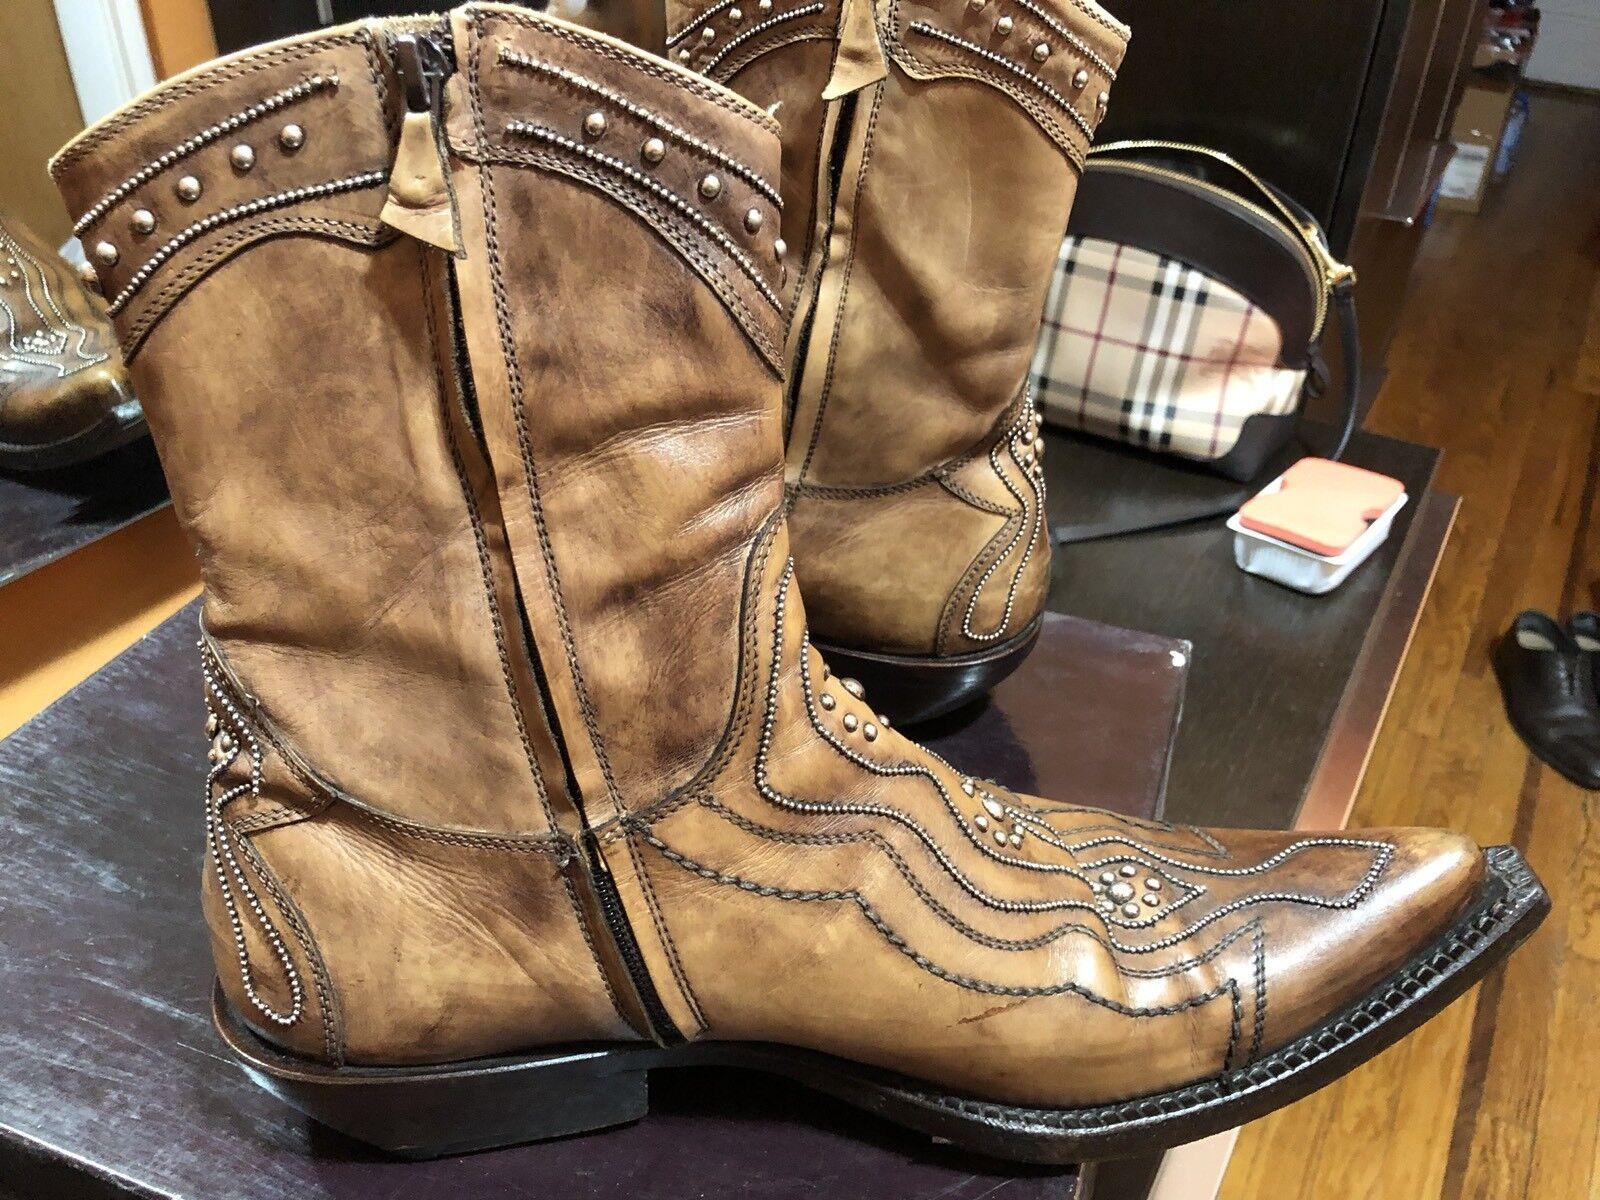 DAMY Western Cowboy Cowboy Cowboy Stivali Uomo's Size 9.5 69e7dd